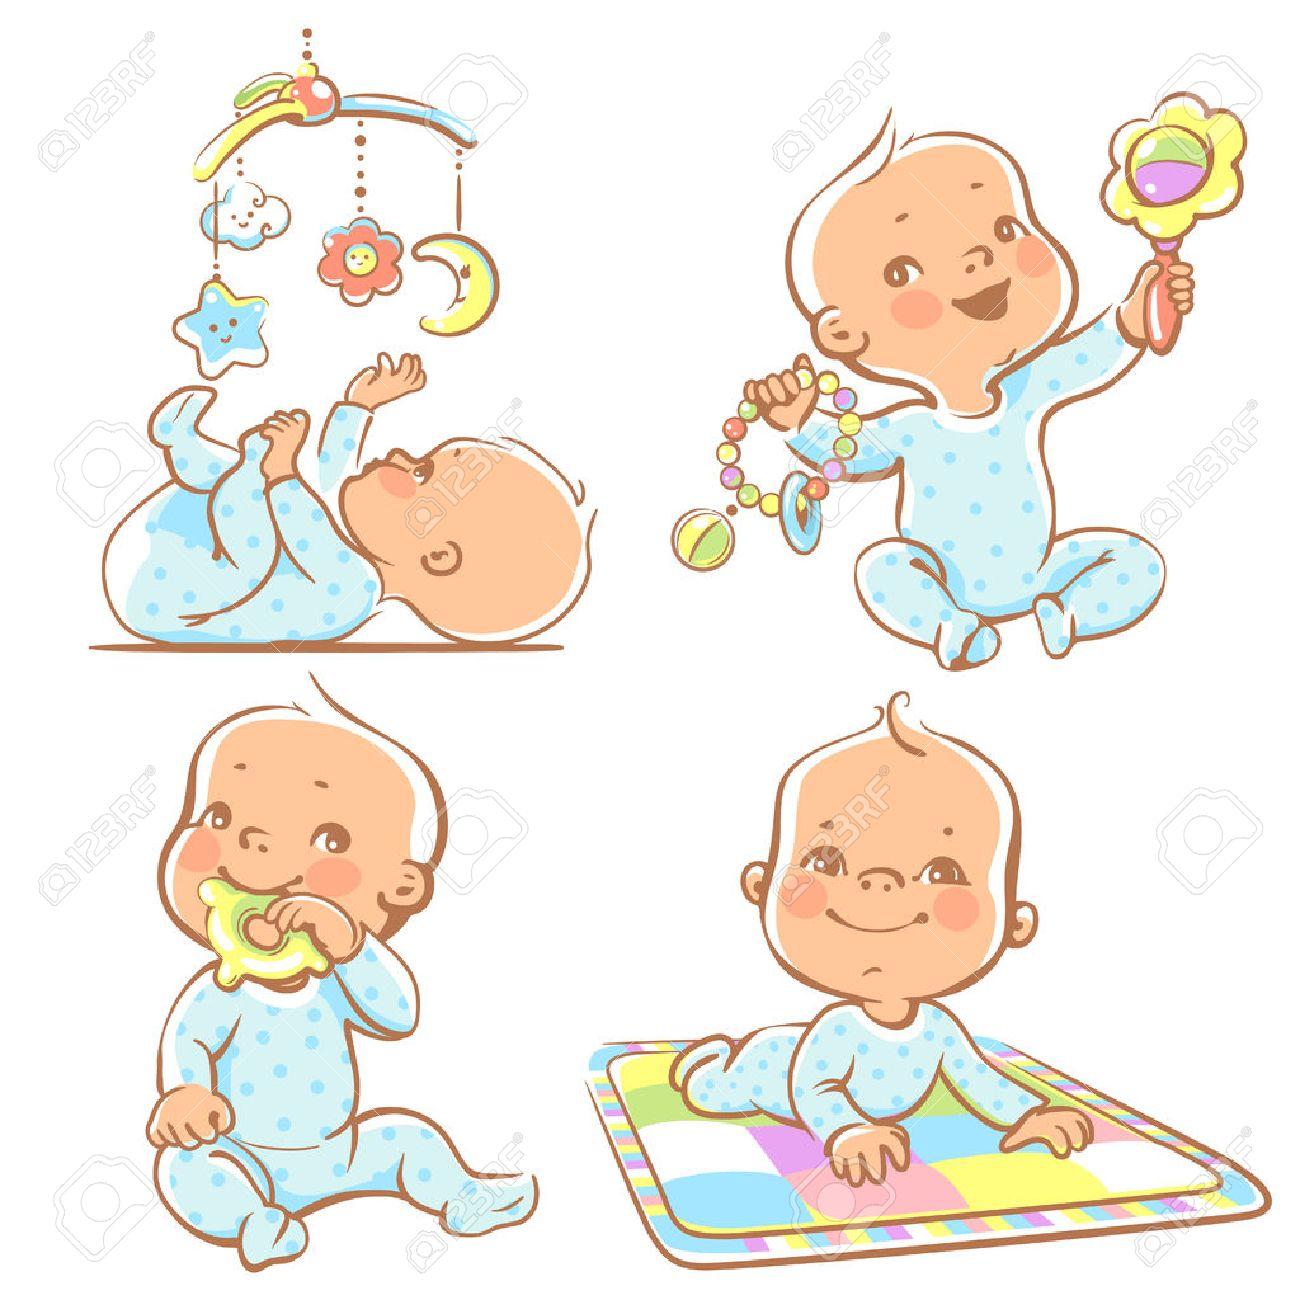 Un Bebé Se Arrastra Con Los Juguetes. Ilustración De Dibujos